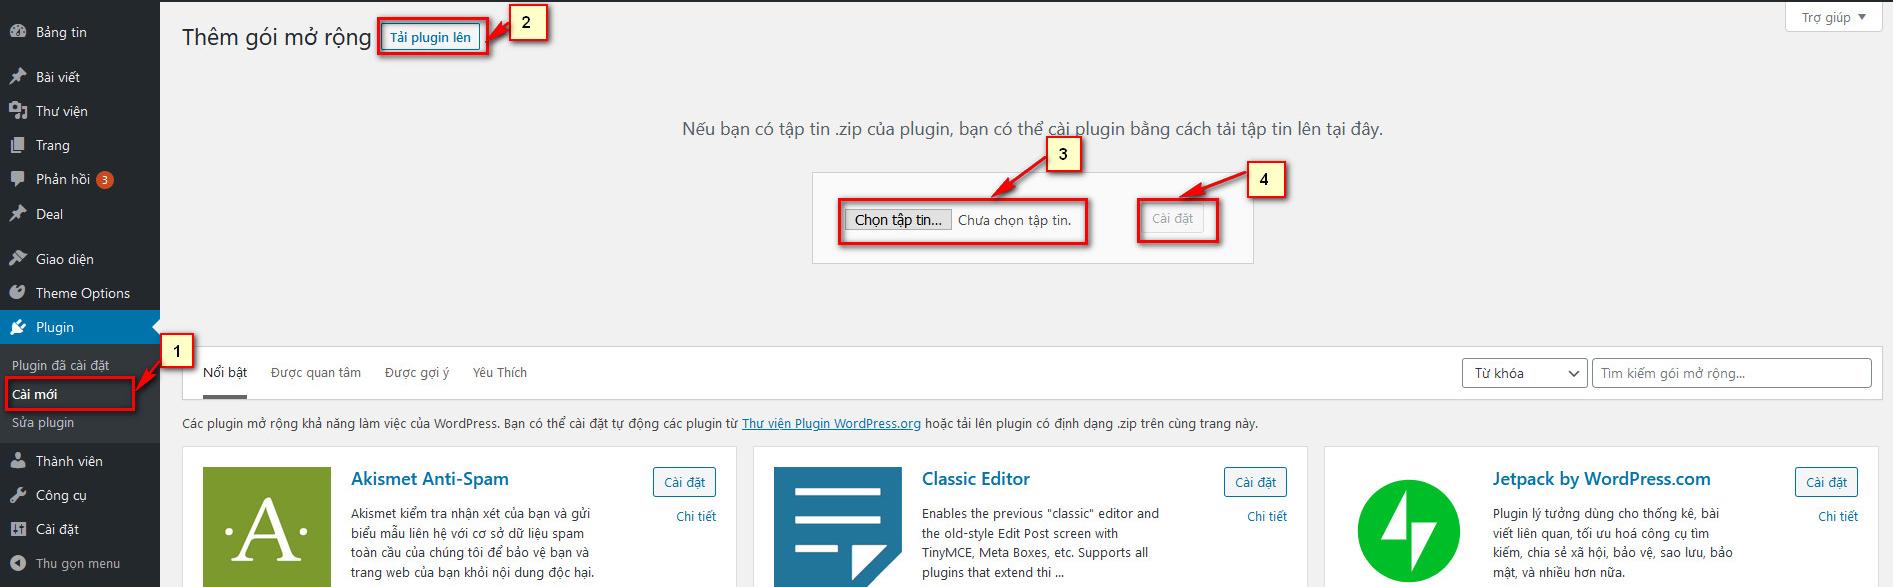 Cài đặt Plugin WordPress bằng cách tải file